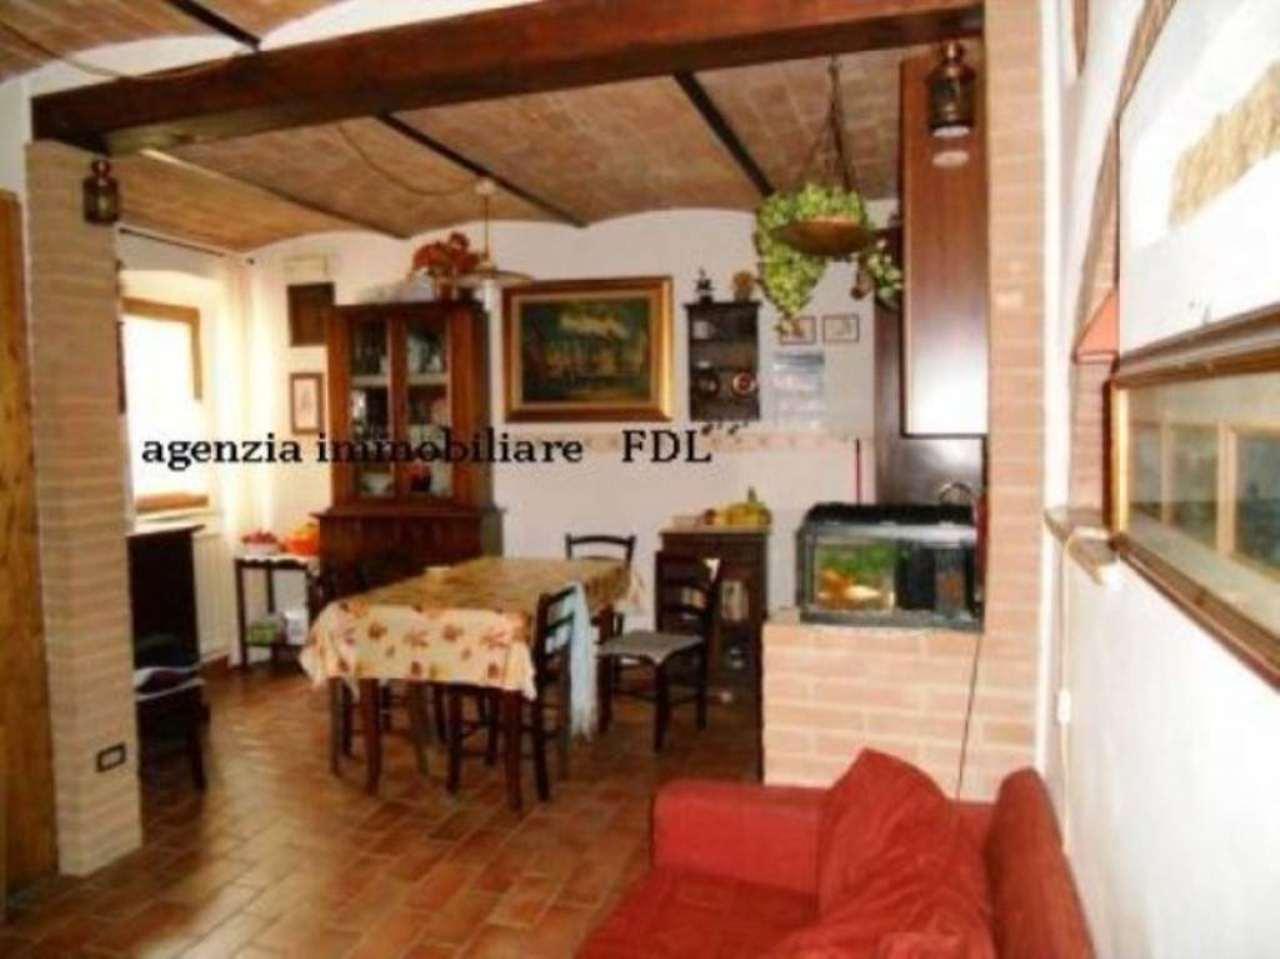 Palazzo / Stabile in vendita a Casciana Terme Lari, 5 locali, prezzo € 89.000 | CambioCasa.it